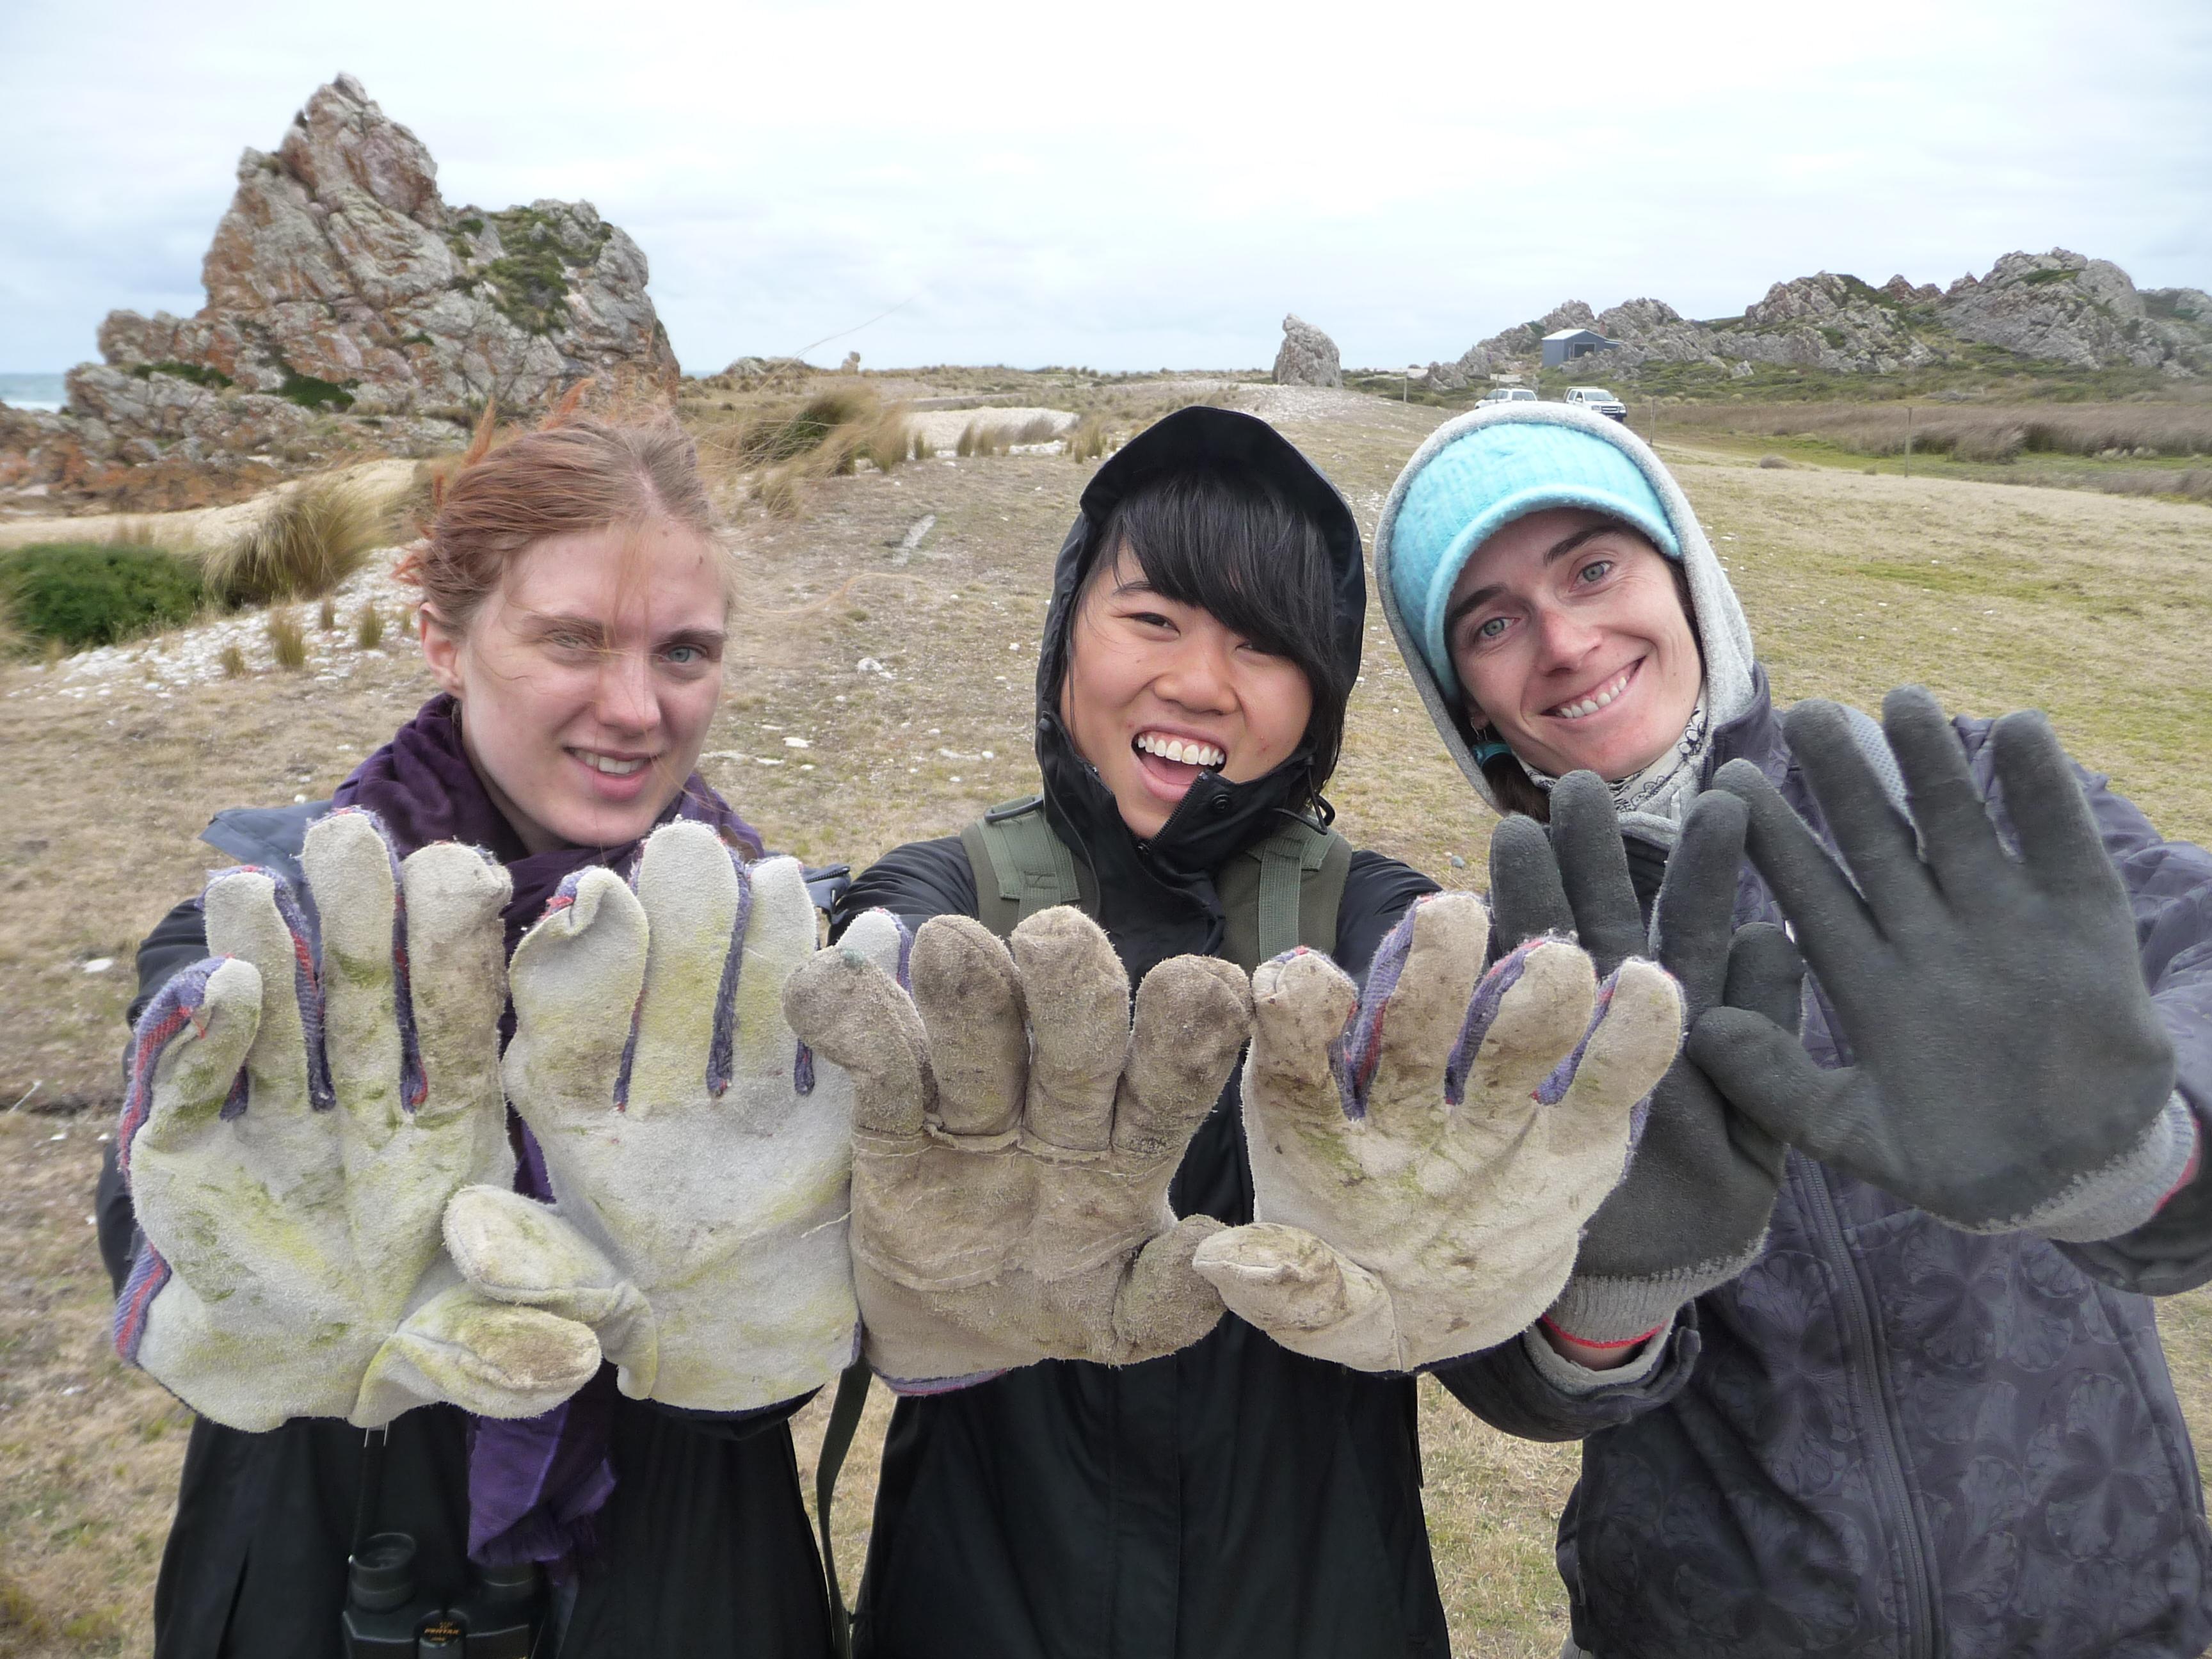 LTas Volunteer Hands